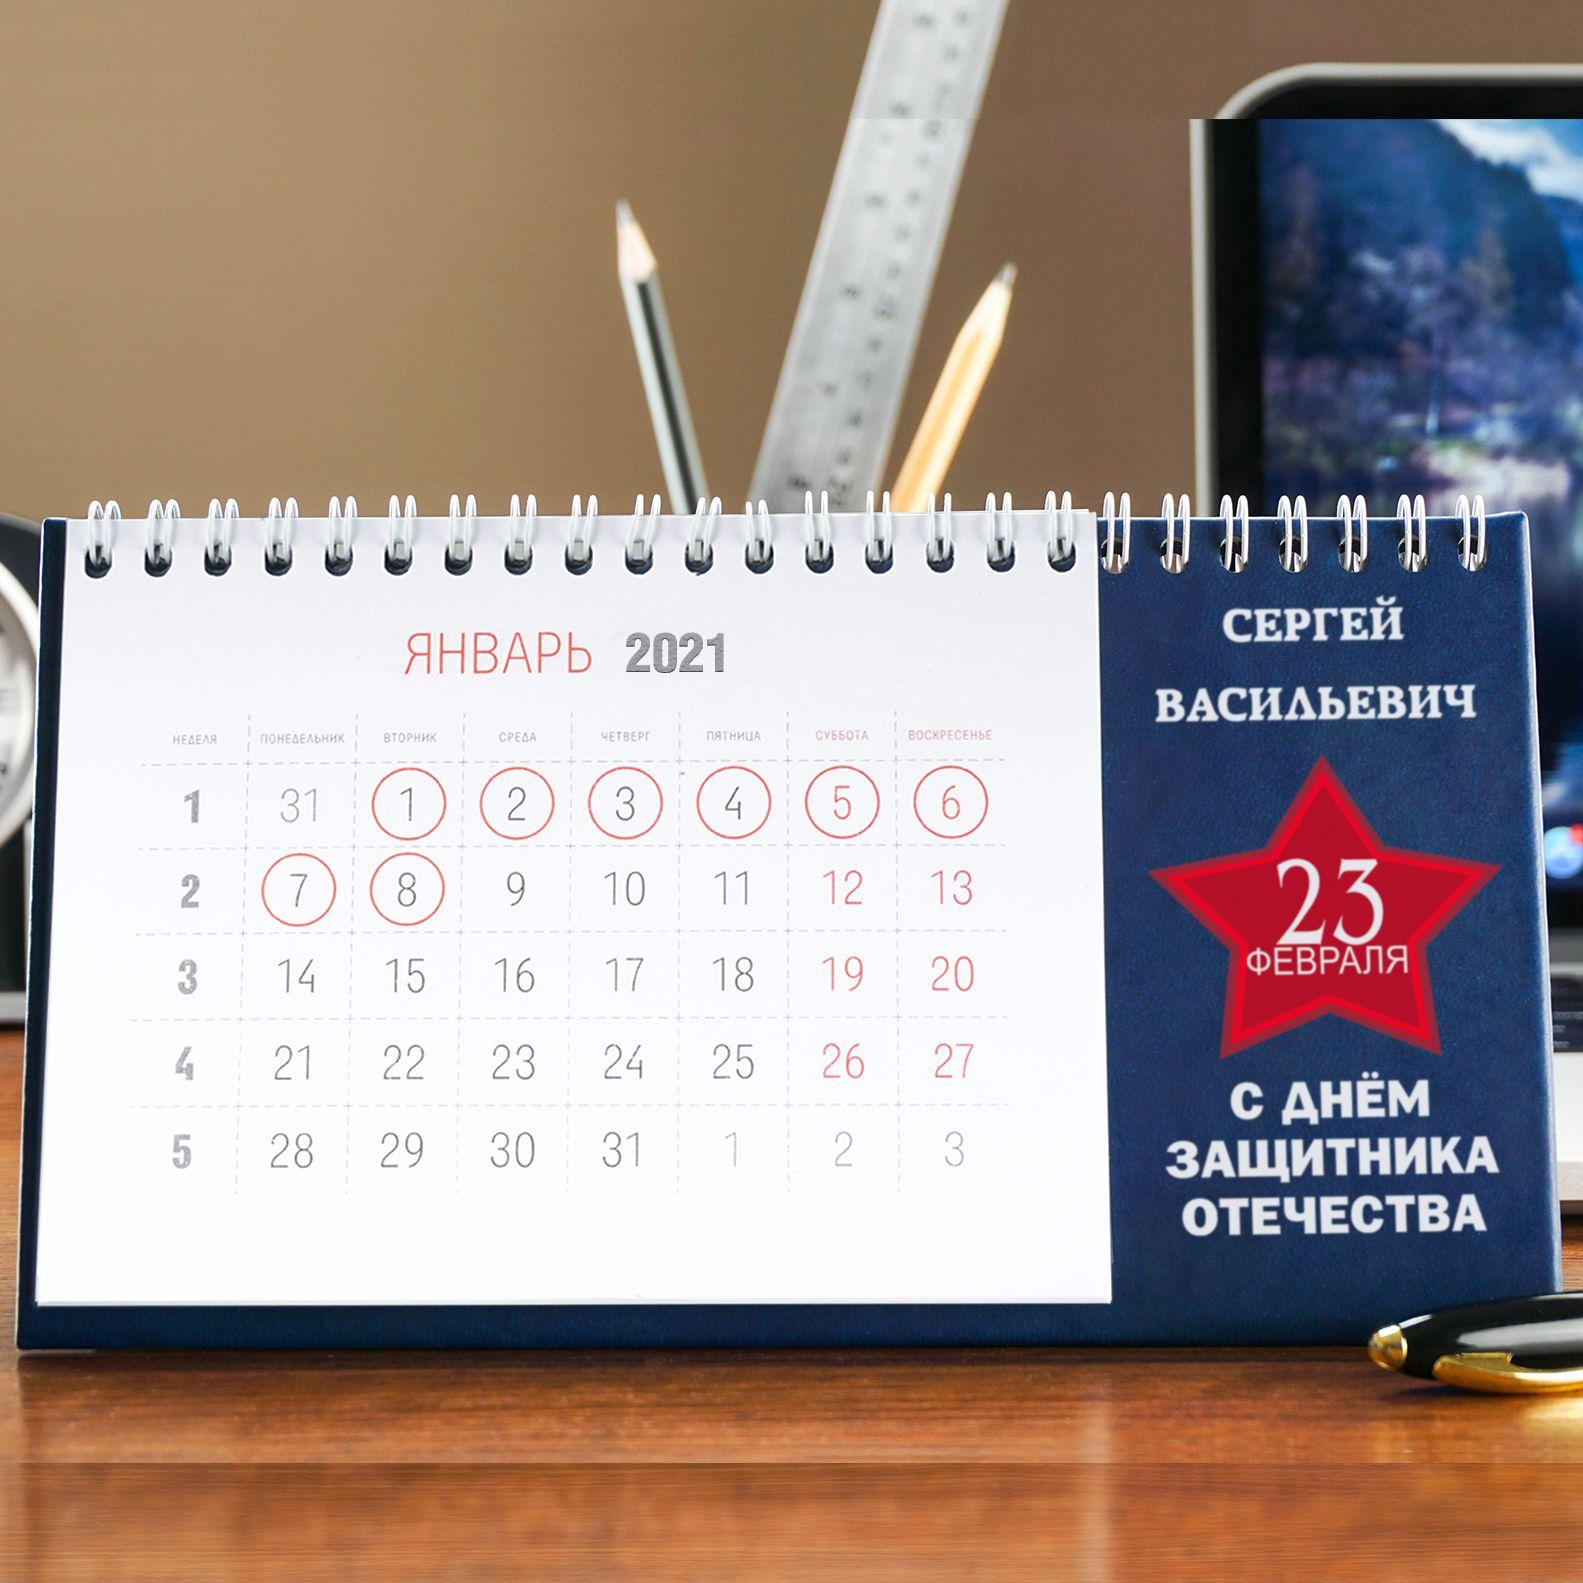 Именной календарь 23 февраля на 2021 год